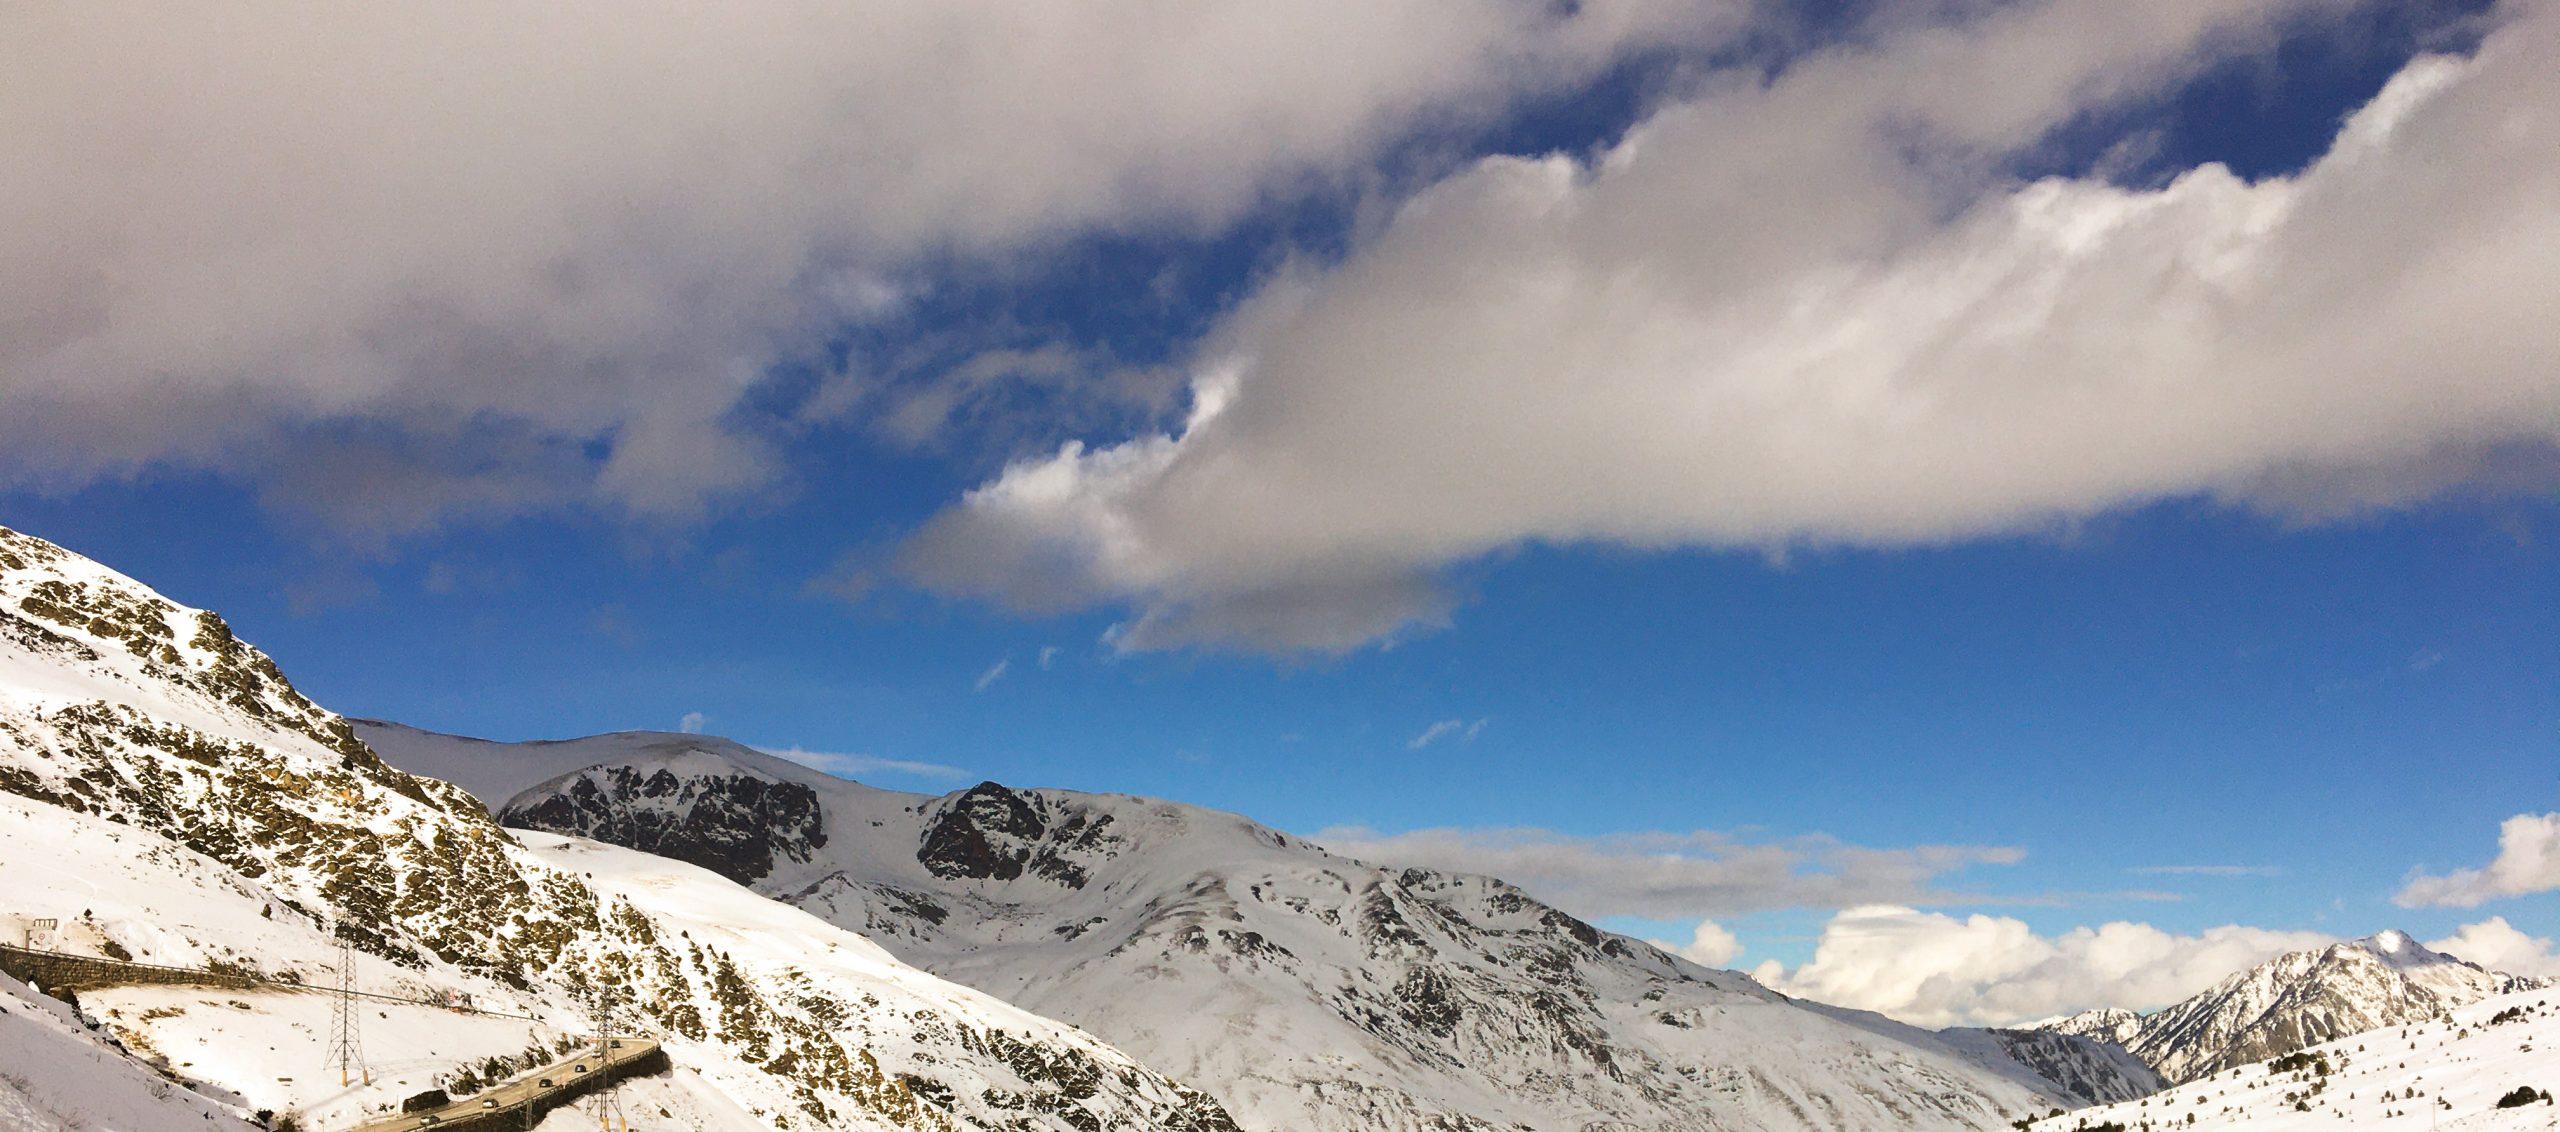 La 3ra es la vencida: Andorra nuevamente después de unos meses.